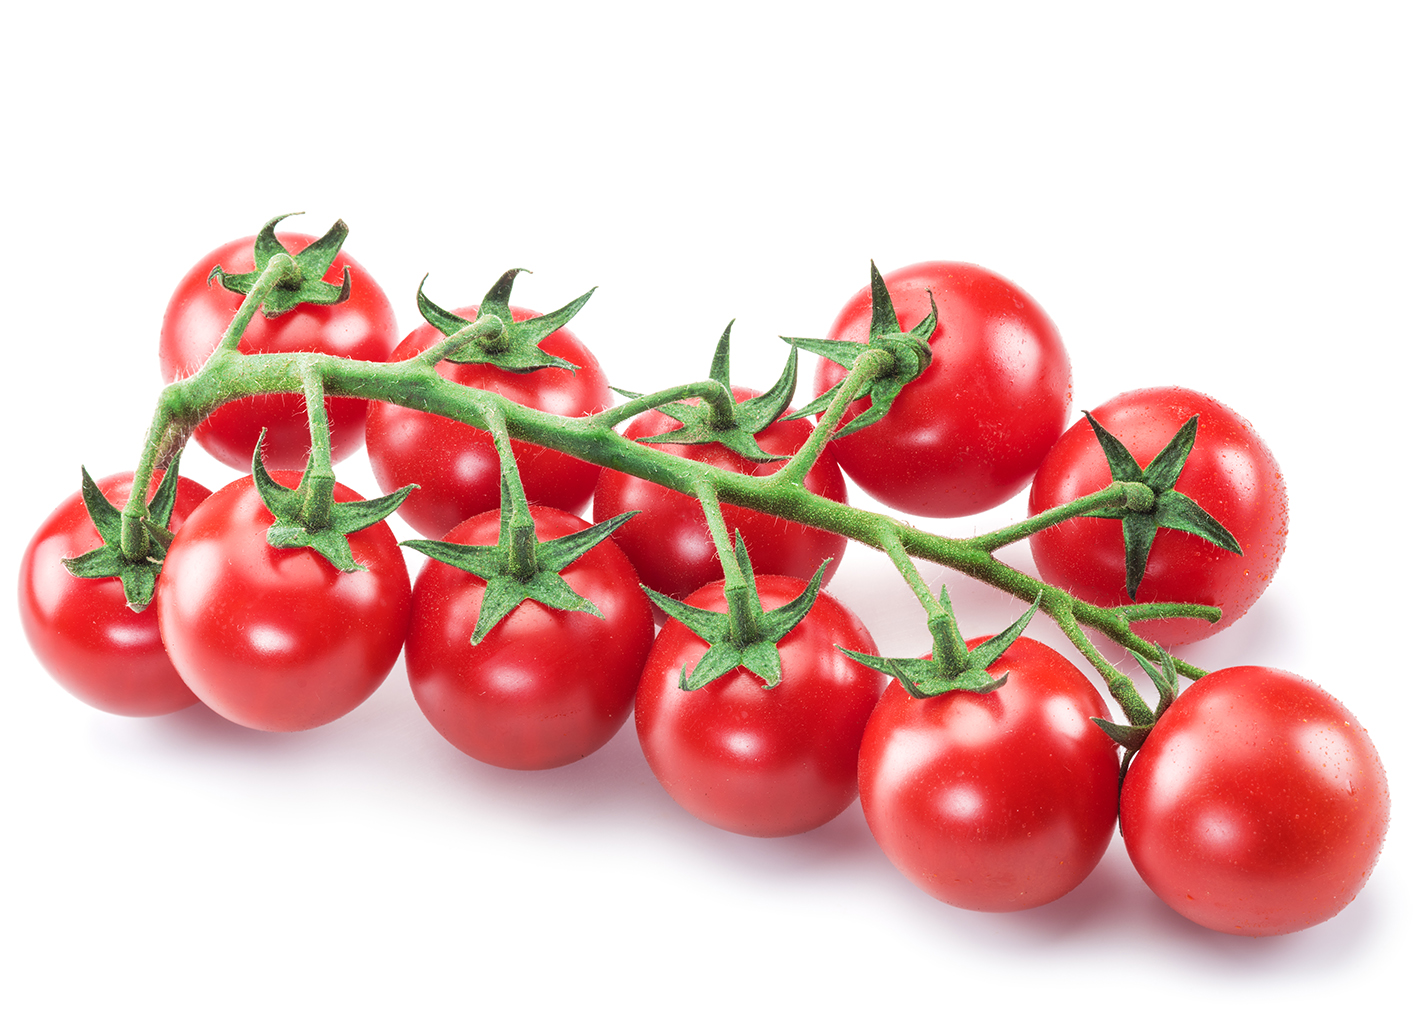 Üppige Traube der 'Cherry Trixi'-Bio-Cocktailtomate mit etwa einem Dutzend knallroten Früchten